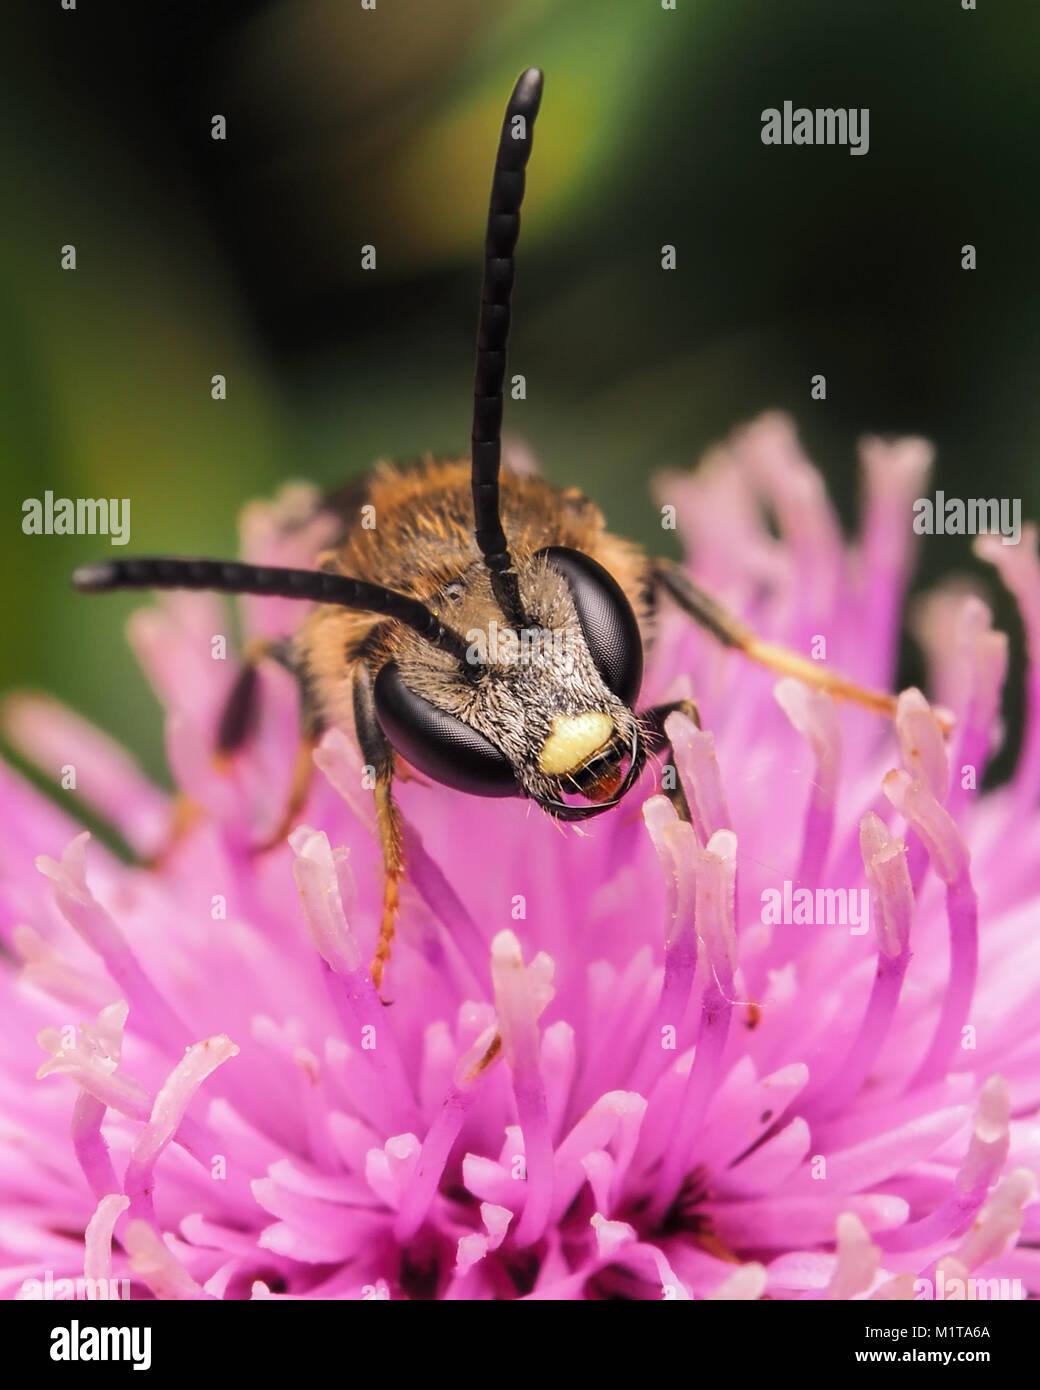 Gemeinsame Furche - Biene (Lasioglossum calceatum) thront auf einer Distel. Eine Nahaufnahme Foto von den Kopf. Stockbild